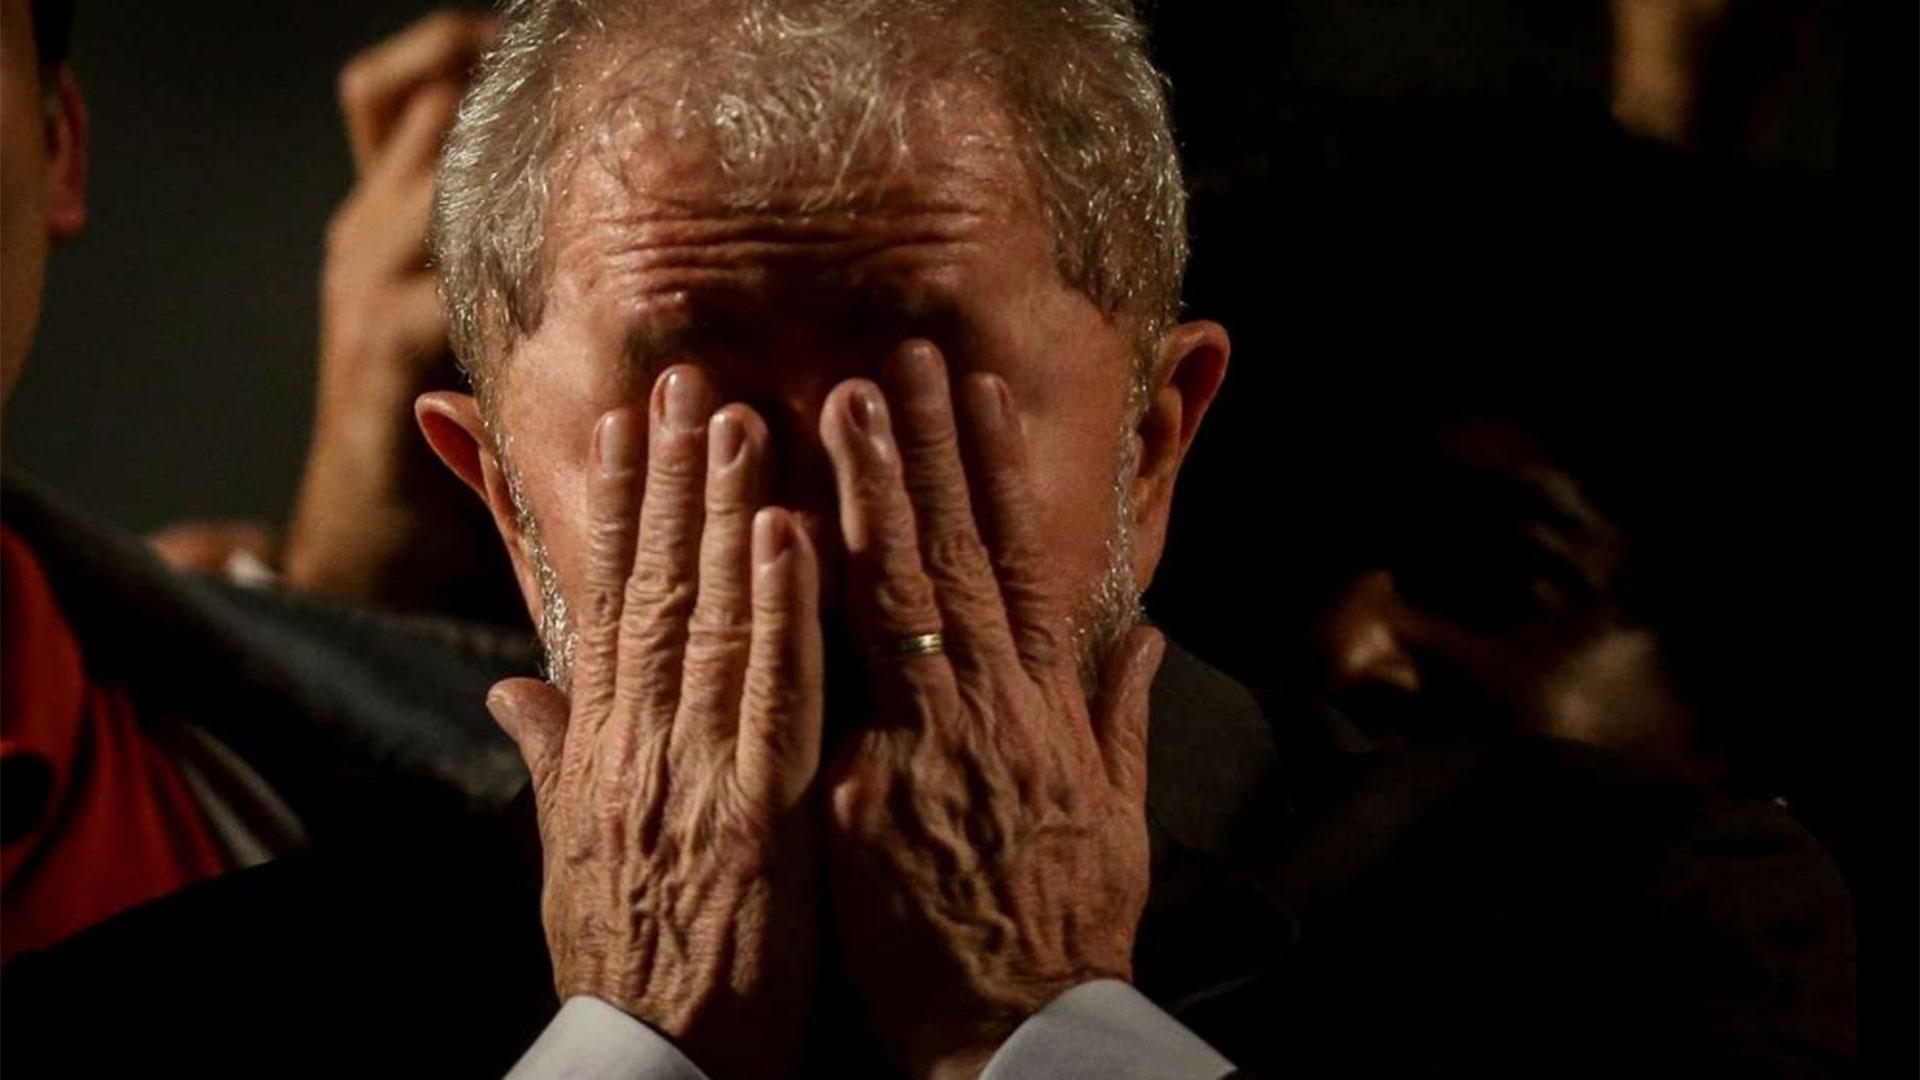 12/7 El ex presidente brasileño Lula da Silva es condenado a nueve años y medio de prisión por corrupción por el juez Sergio Moro (EFE)